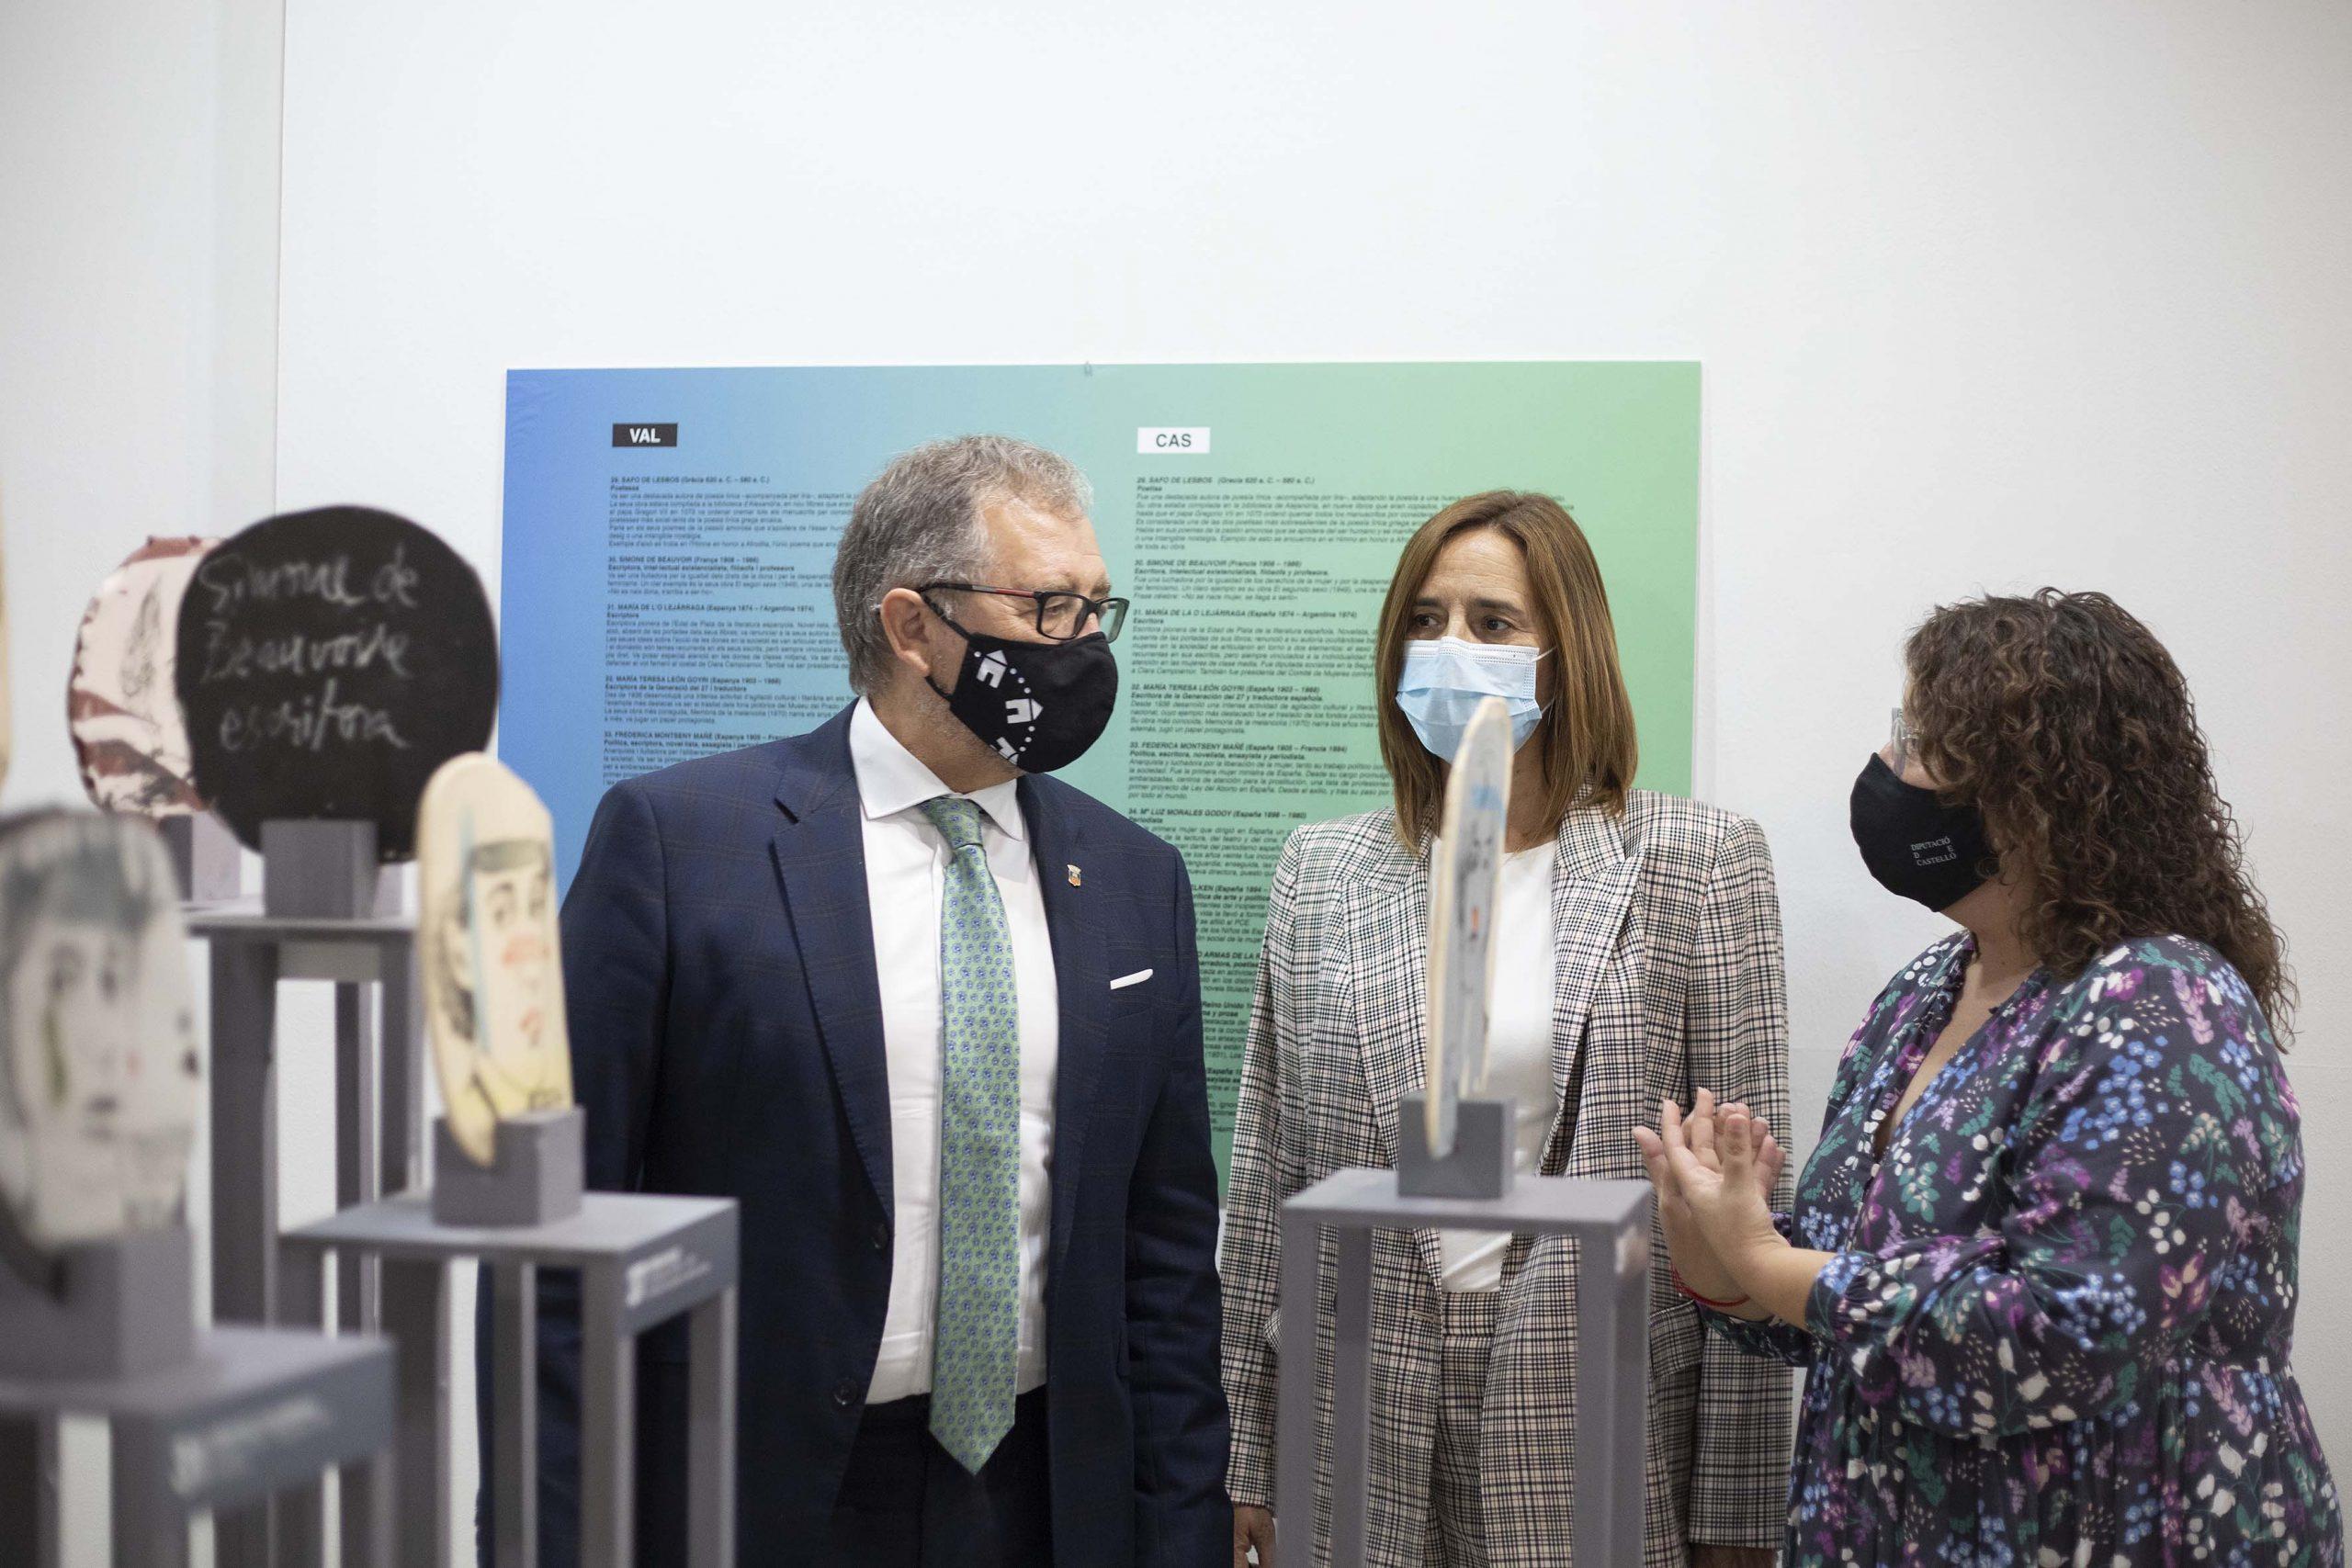 La Diputación de Castellón homenajea con la exposición 'Memòria de l'Enginy Femení' a las artistas invisibles de la historia